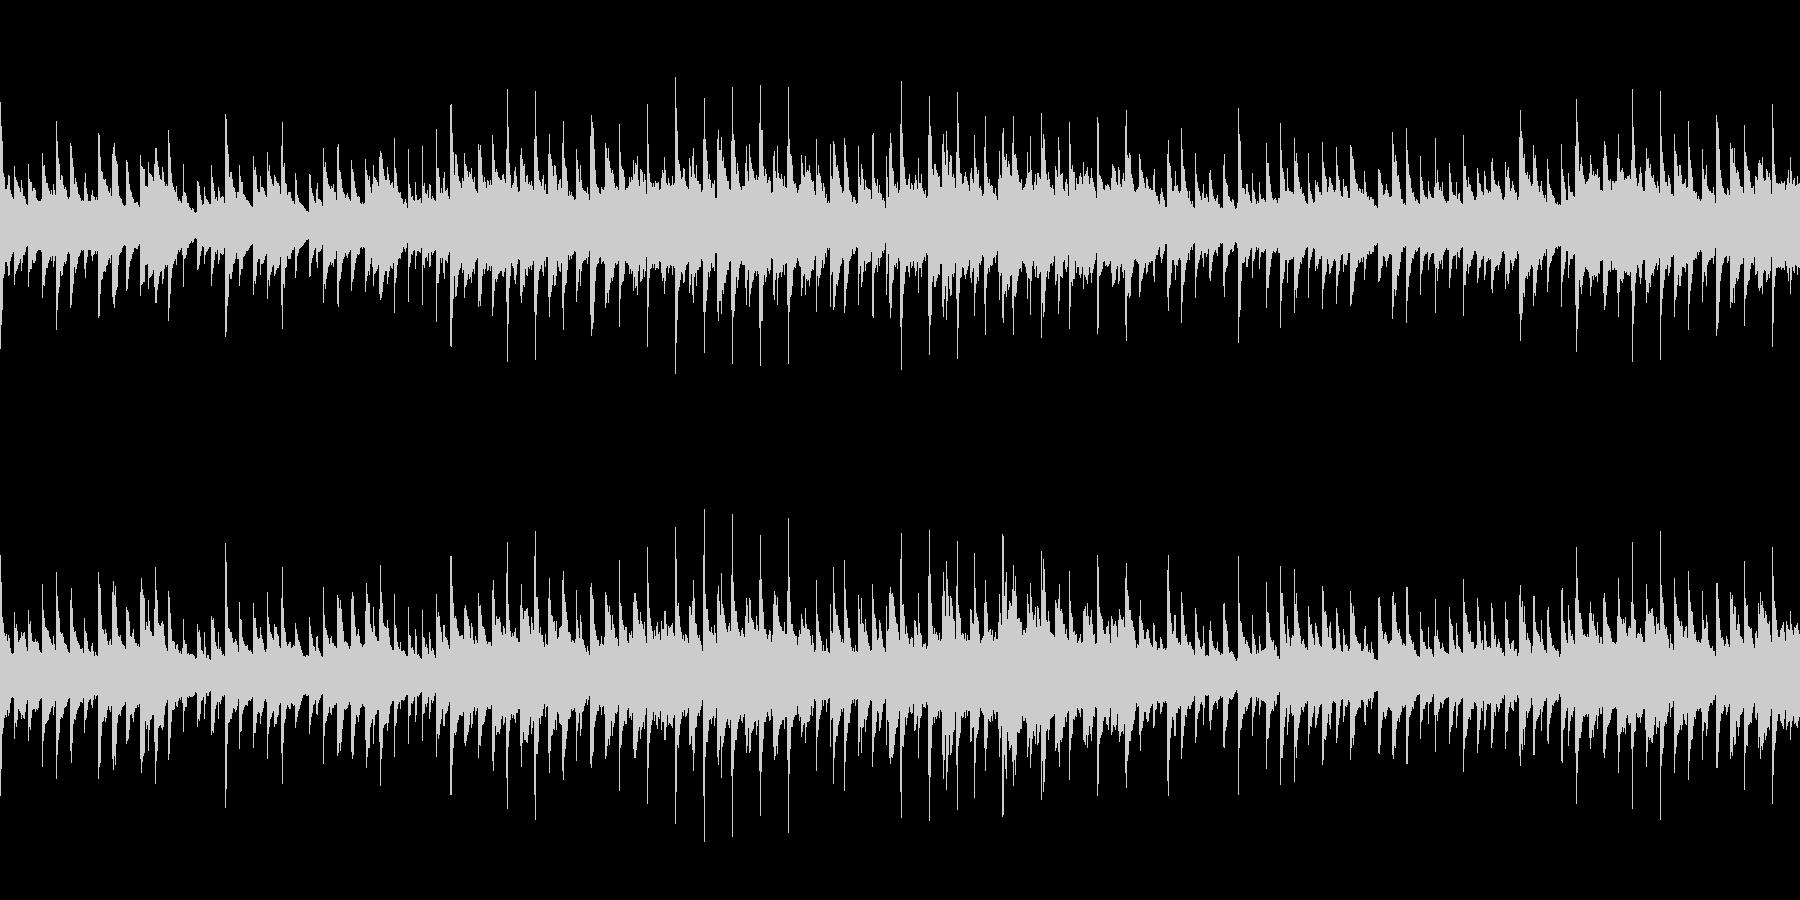 ほんわかポップバラード (ループ仕様)の未再生の波形